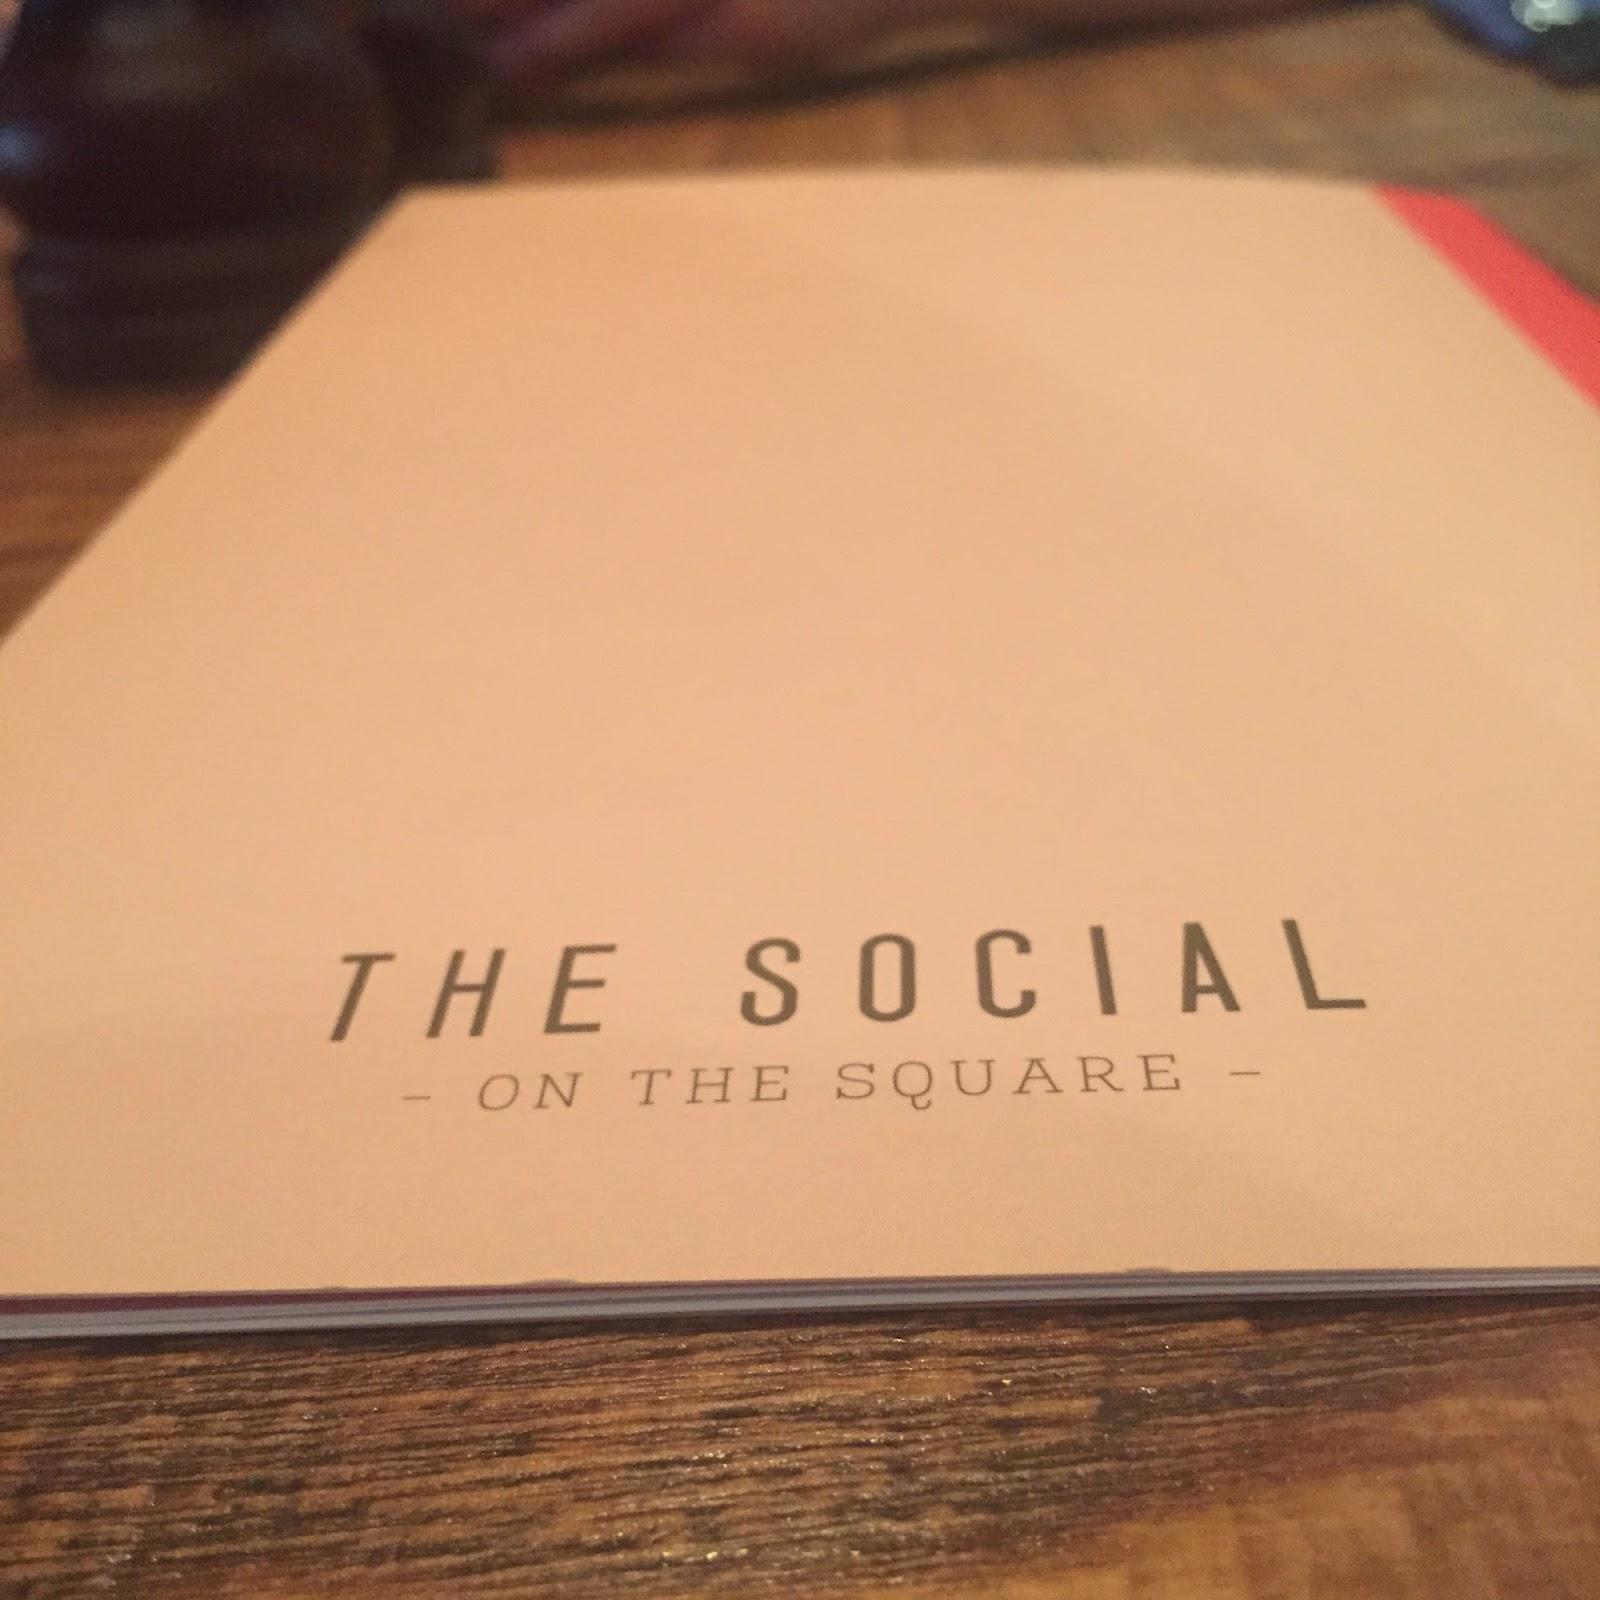 The Social Glasgow